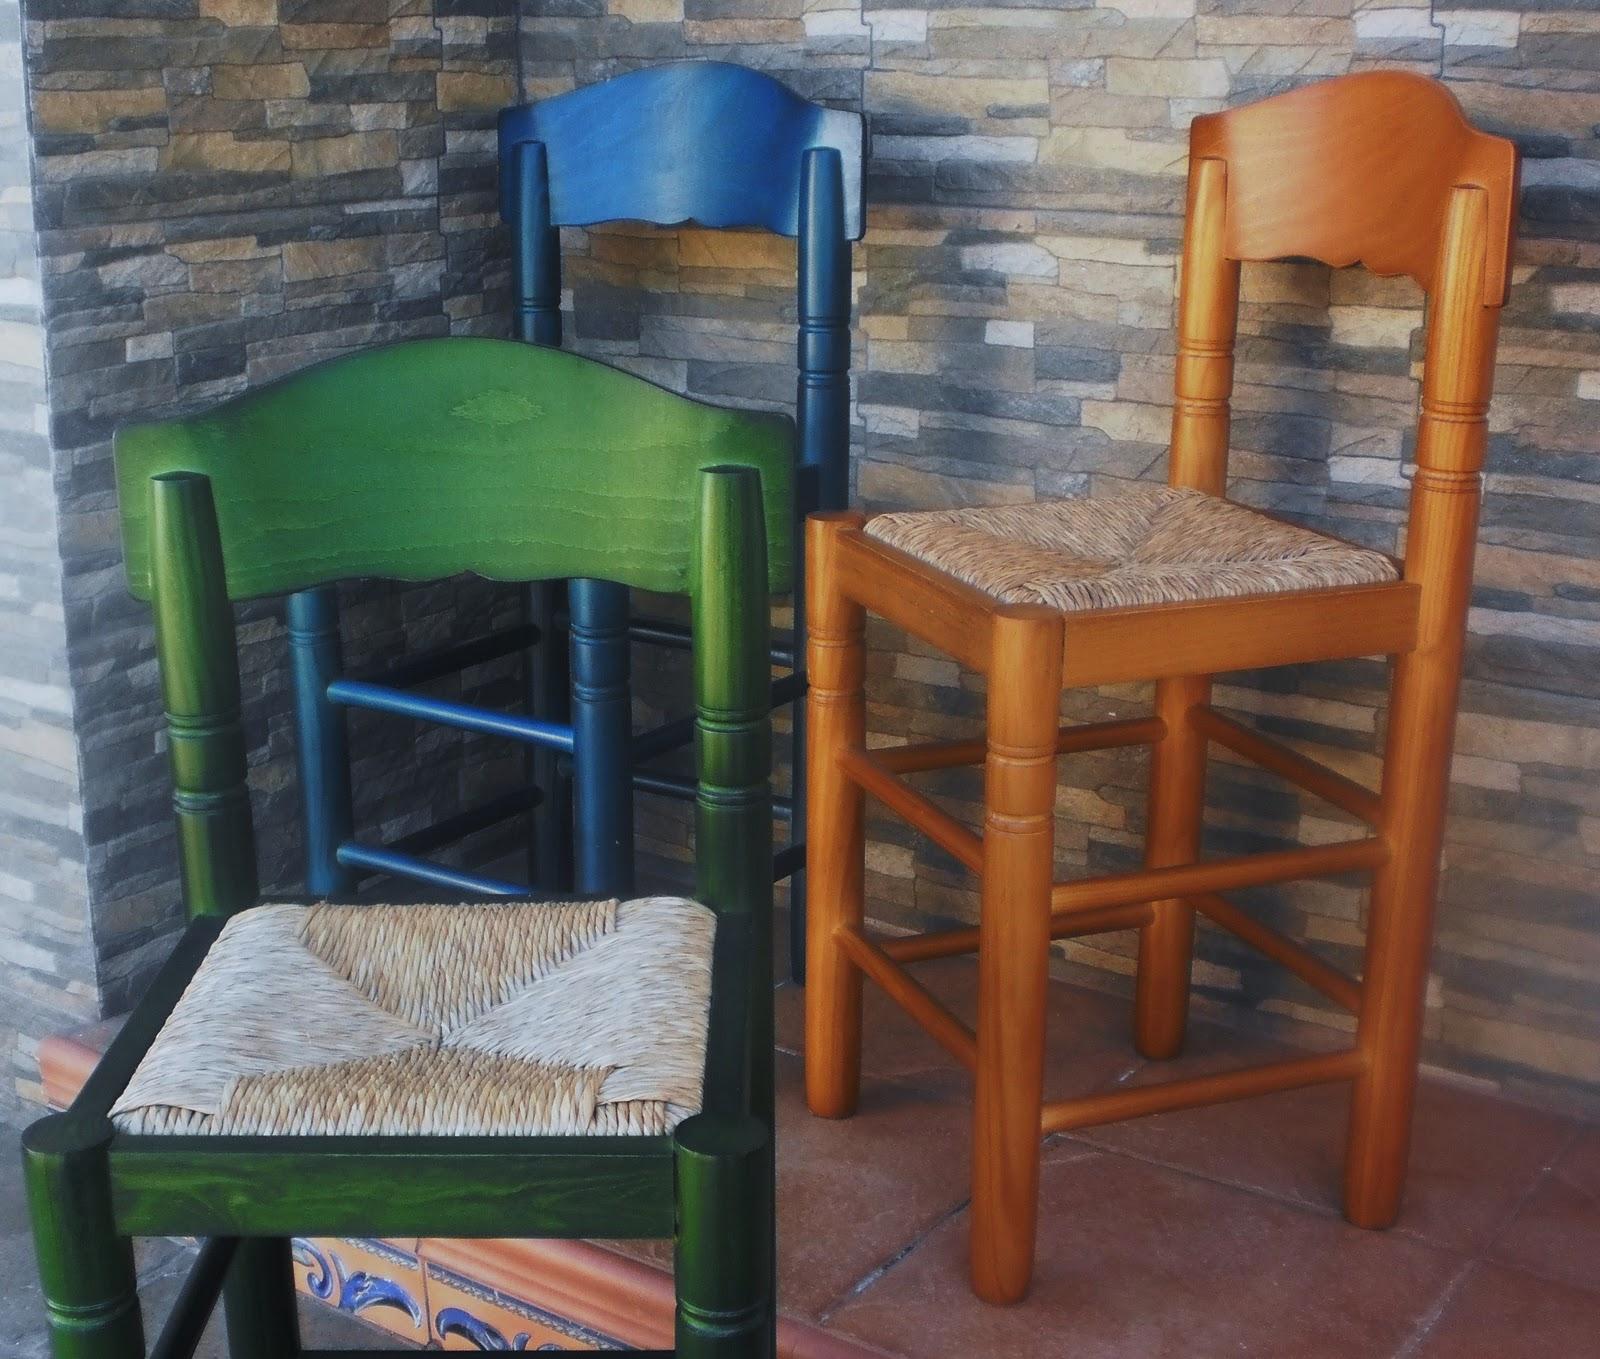 Fabrica de sillas de madera pauli sillas y mesas de - Fabricantes de mesas de cocina ...